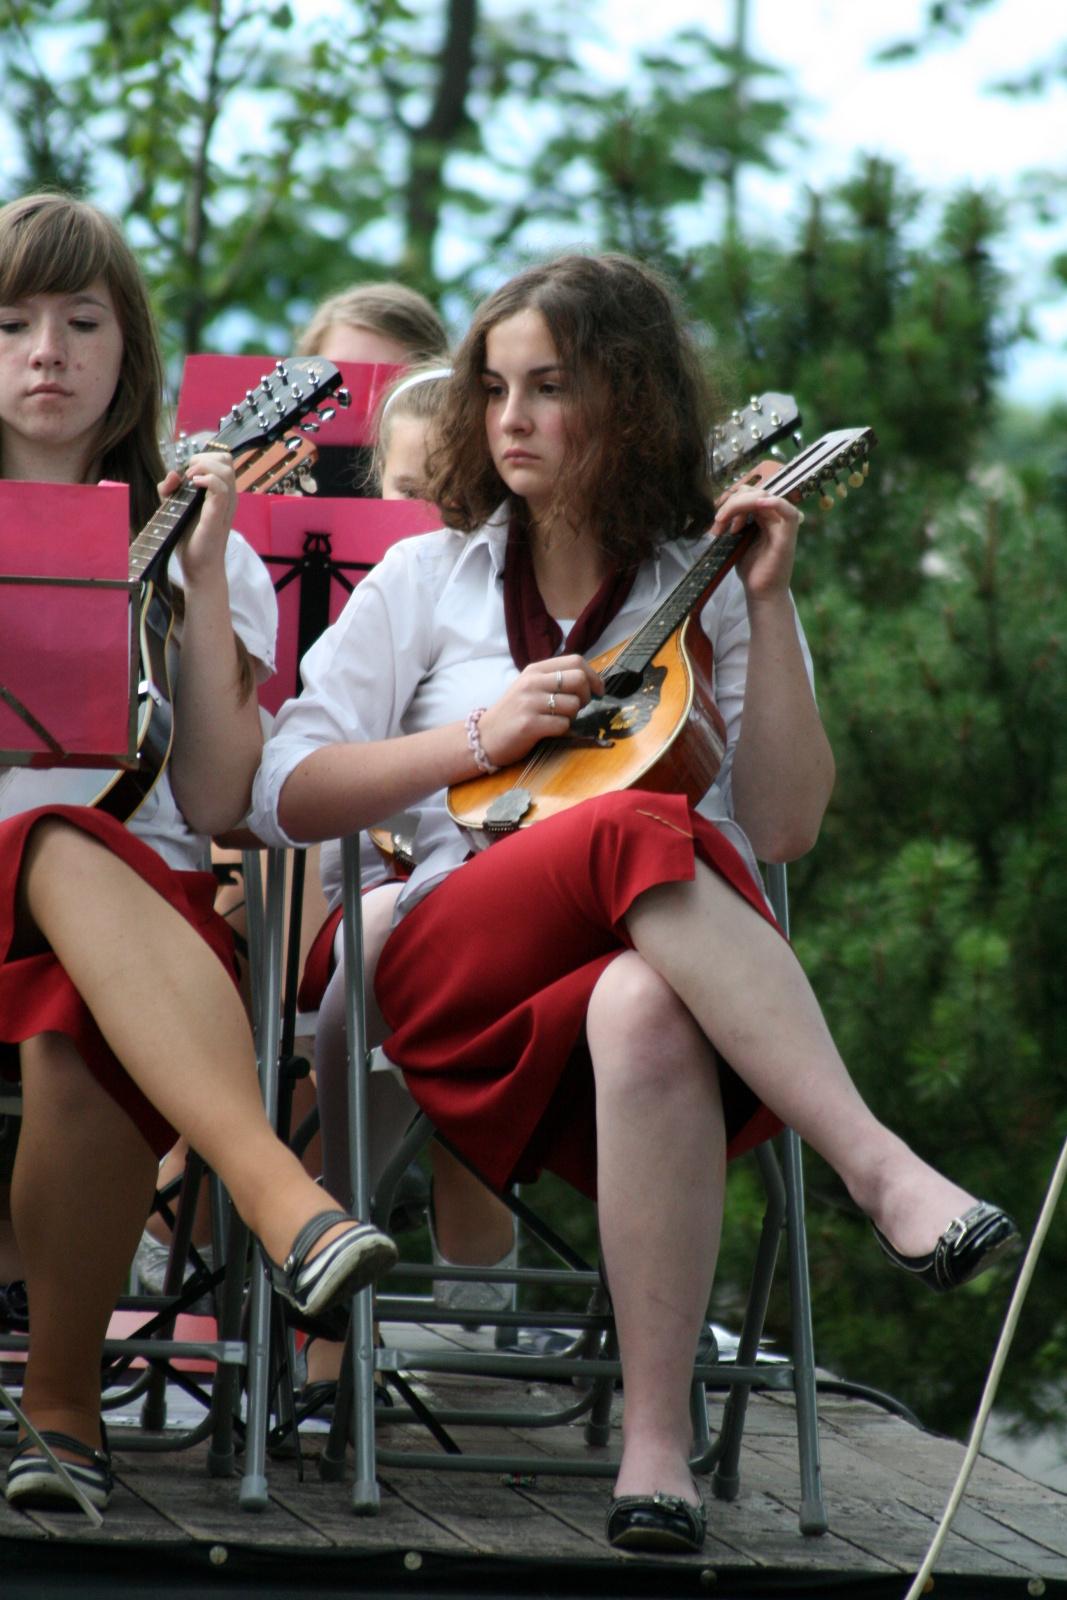 mandolinovy-subor-ziarinka-15